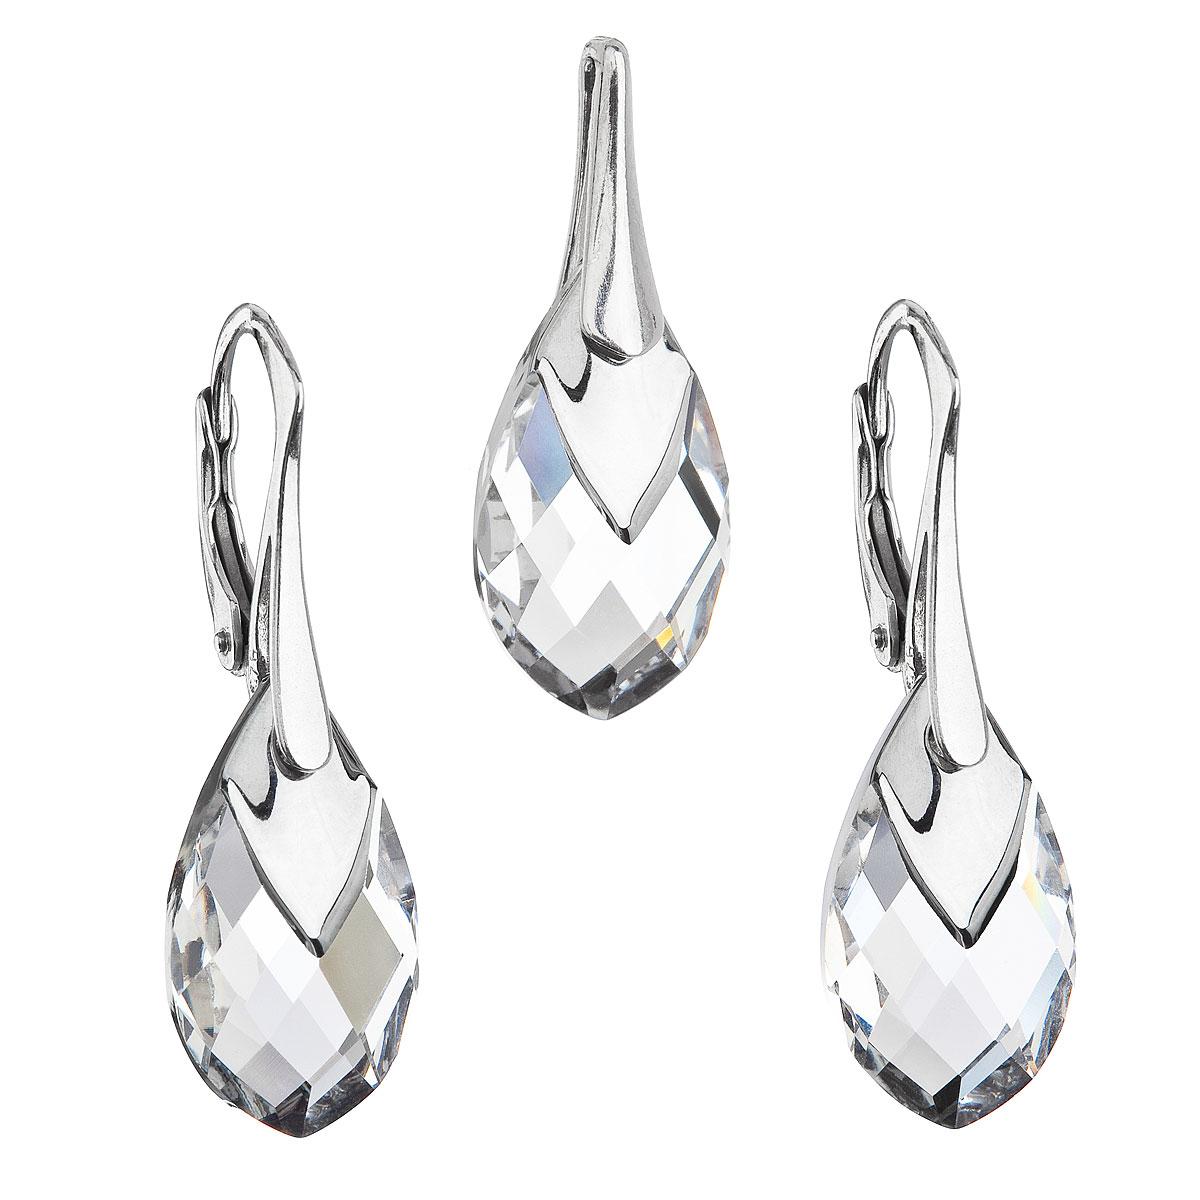 Evolution Group Sada šperků s krystaly Swarovski náušnice a přívěsek stříbrošedá slza 39169.4